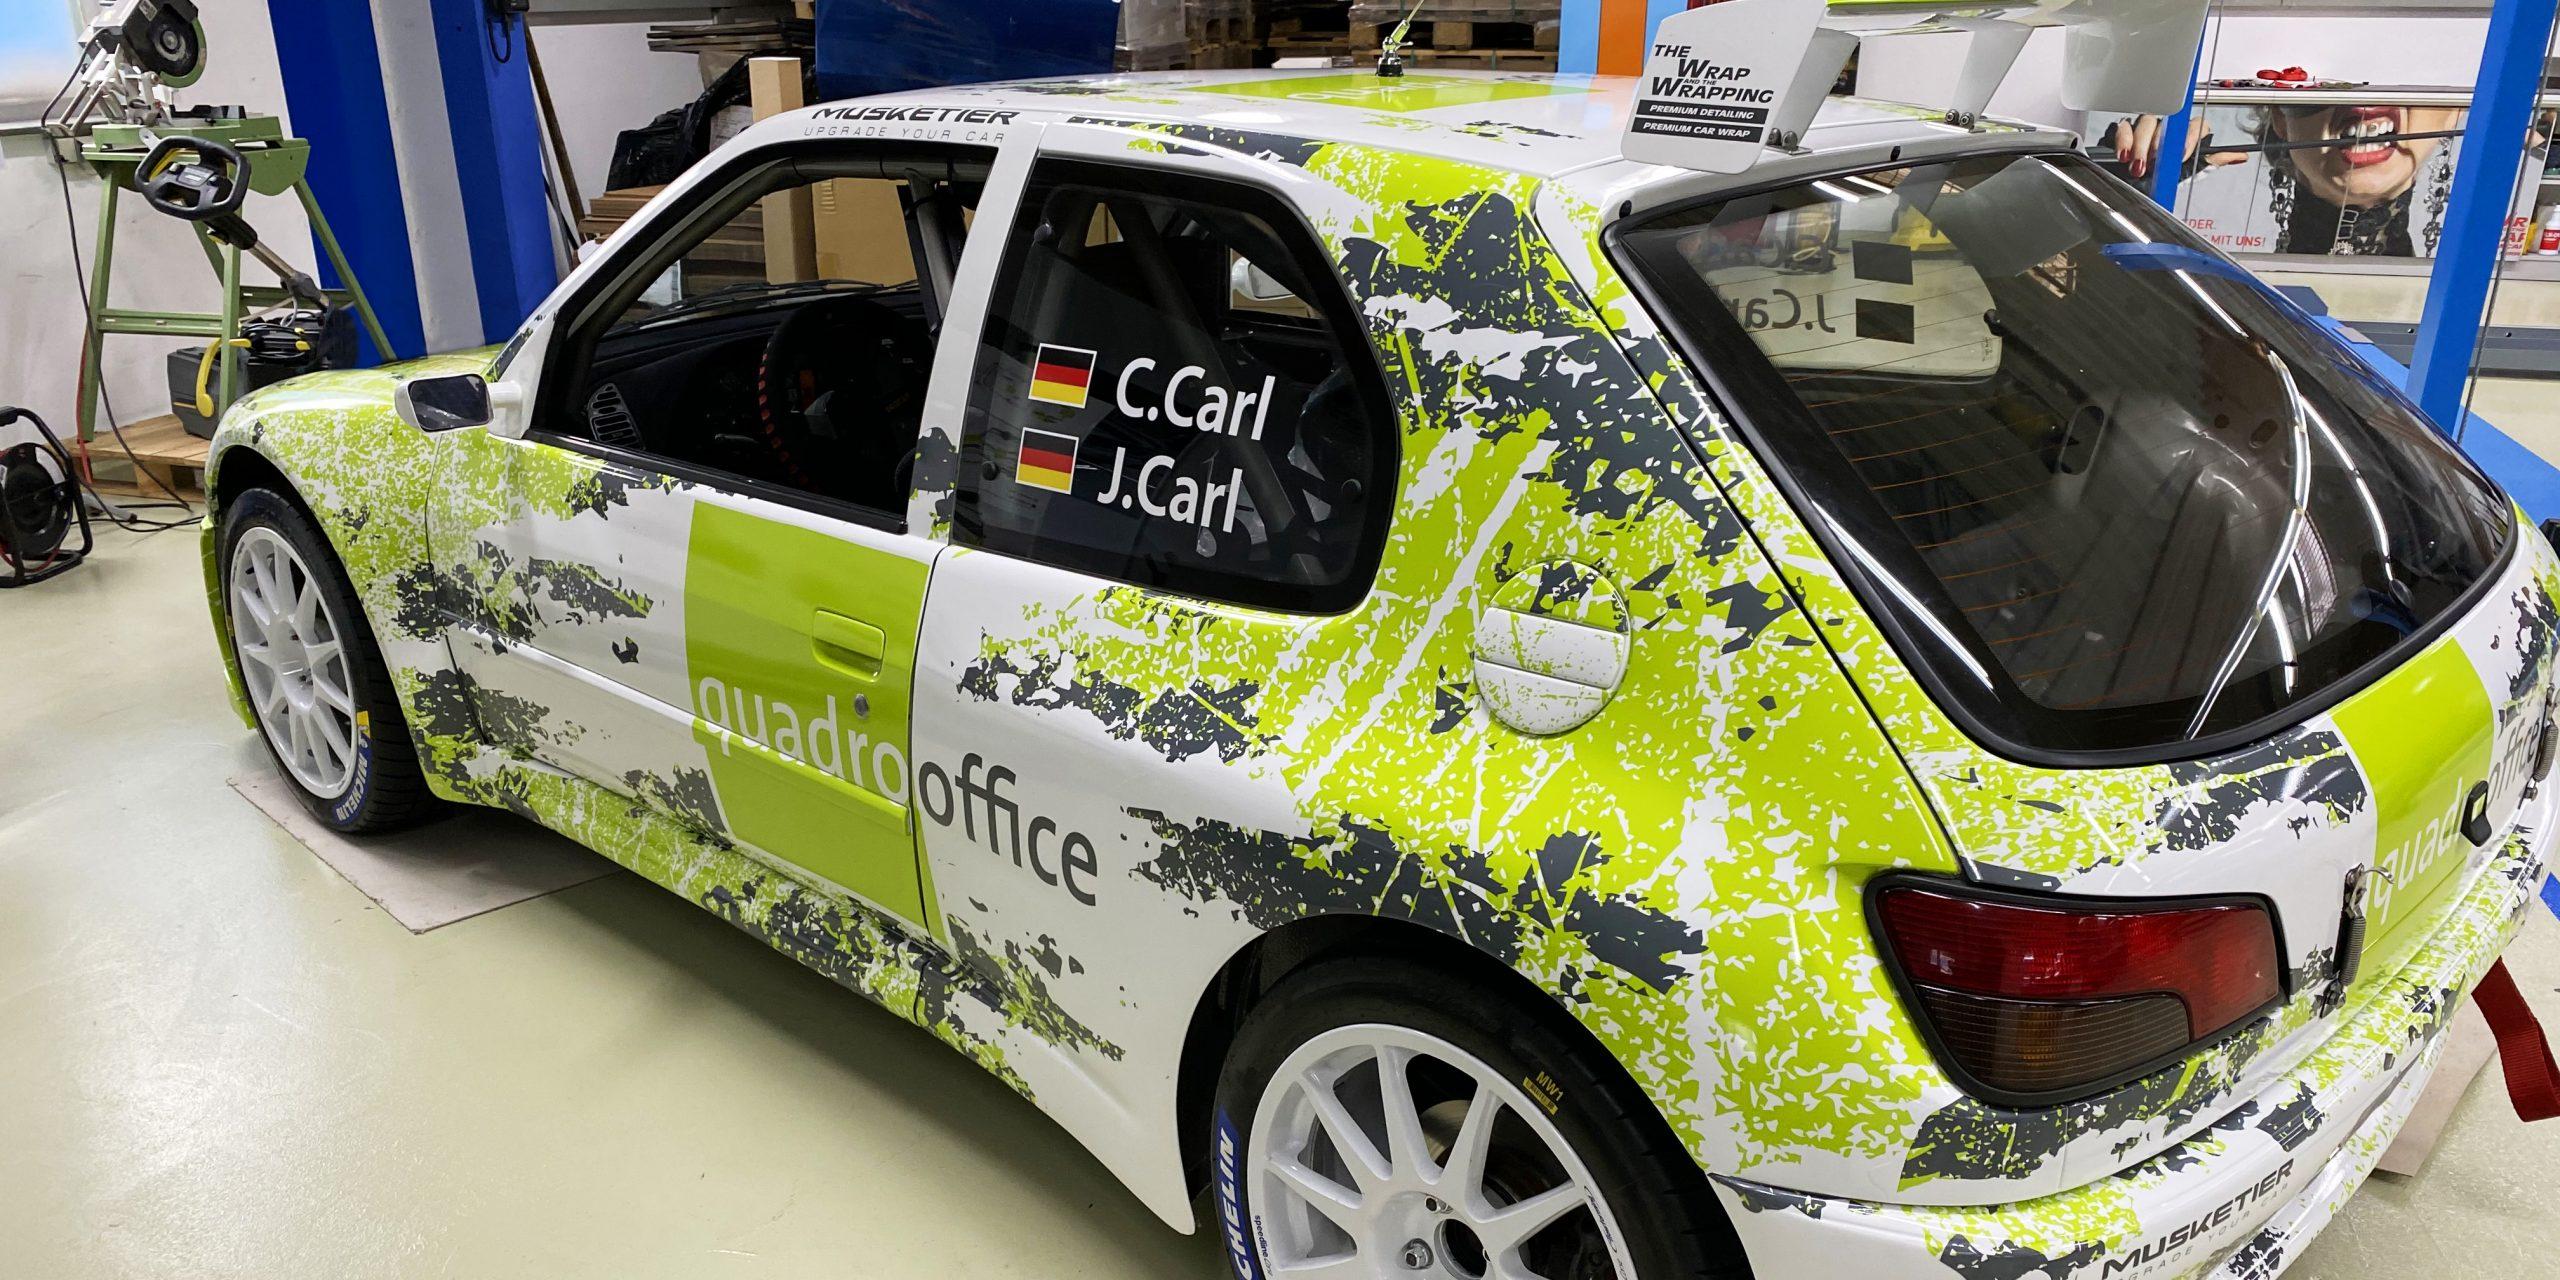 Premium Car Wrap - quadro Office